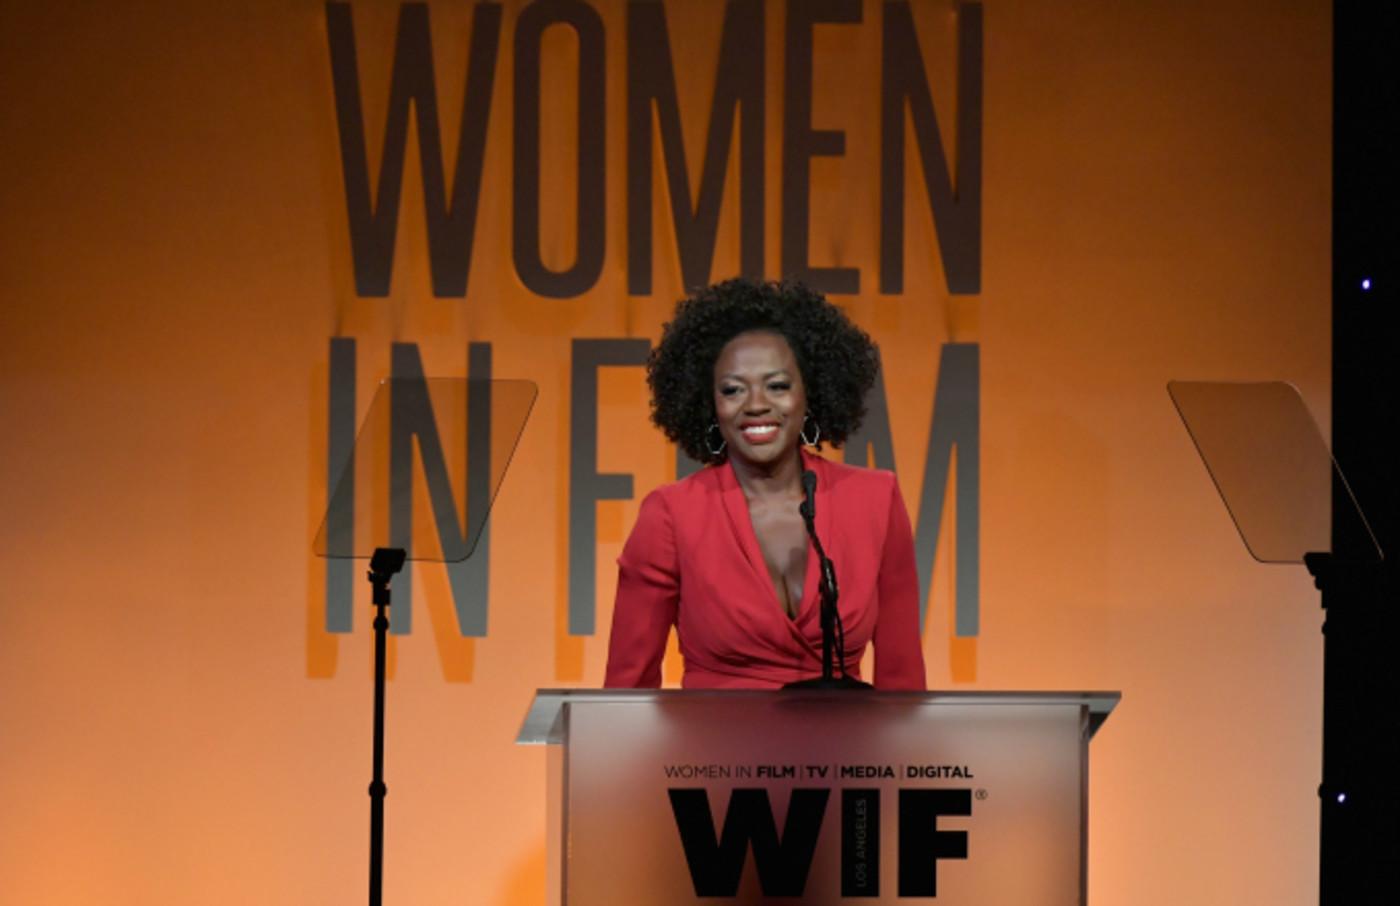 Viola Davis speaks onstage at the 2019 Women In Film Annual Gala